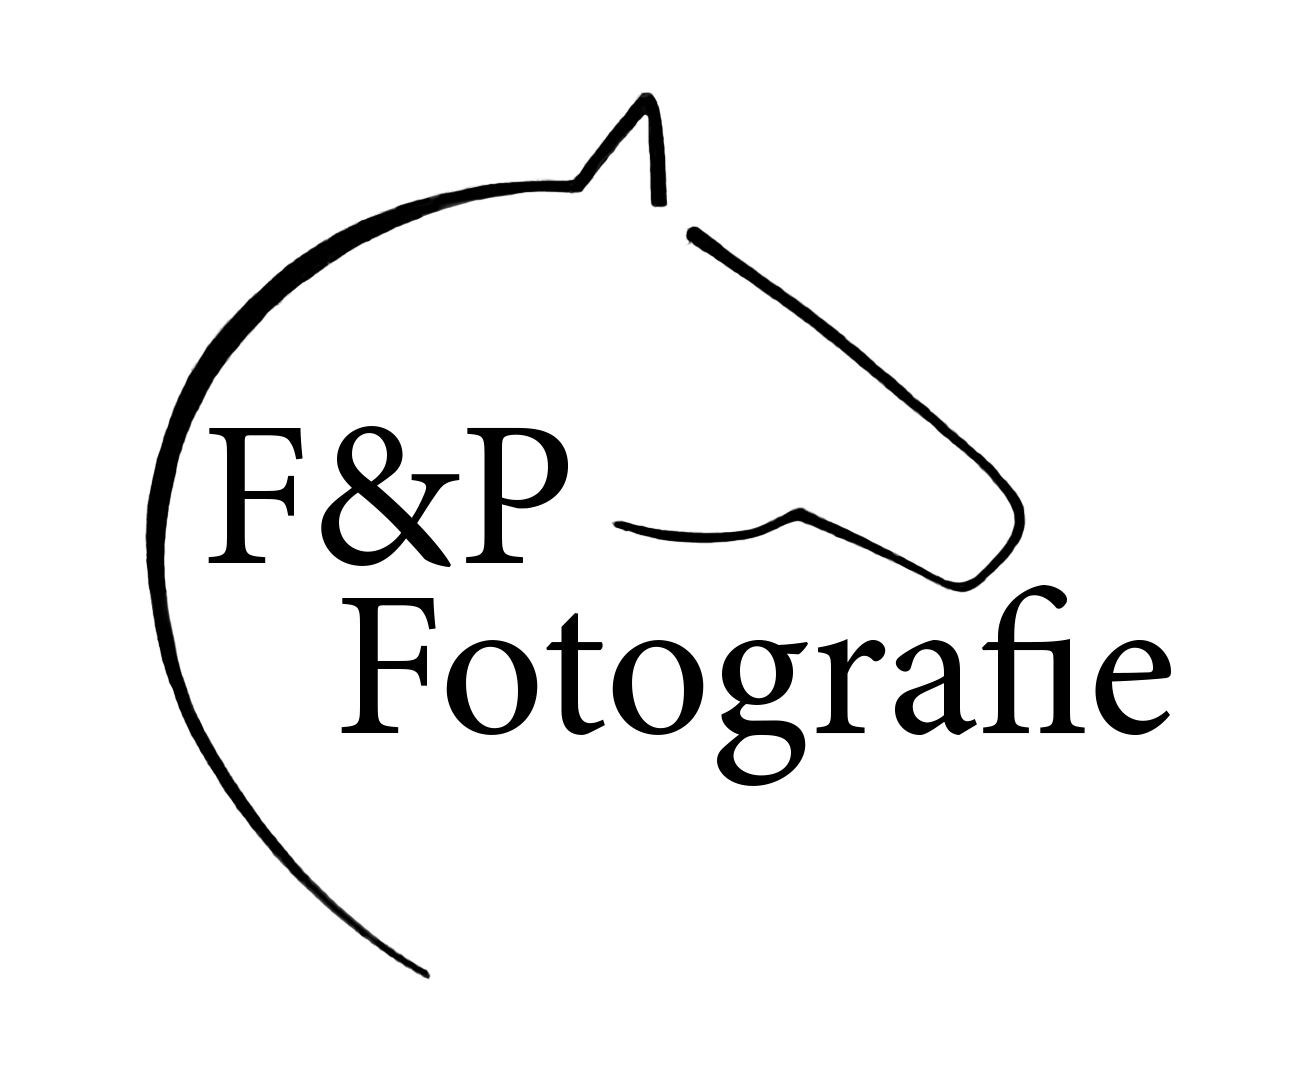 F&P Fotografie